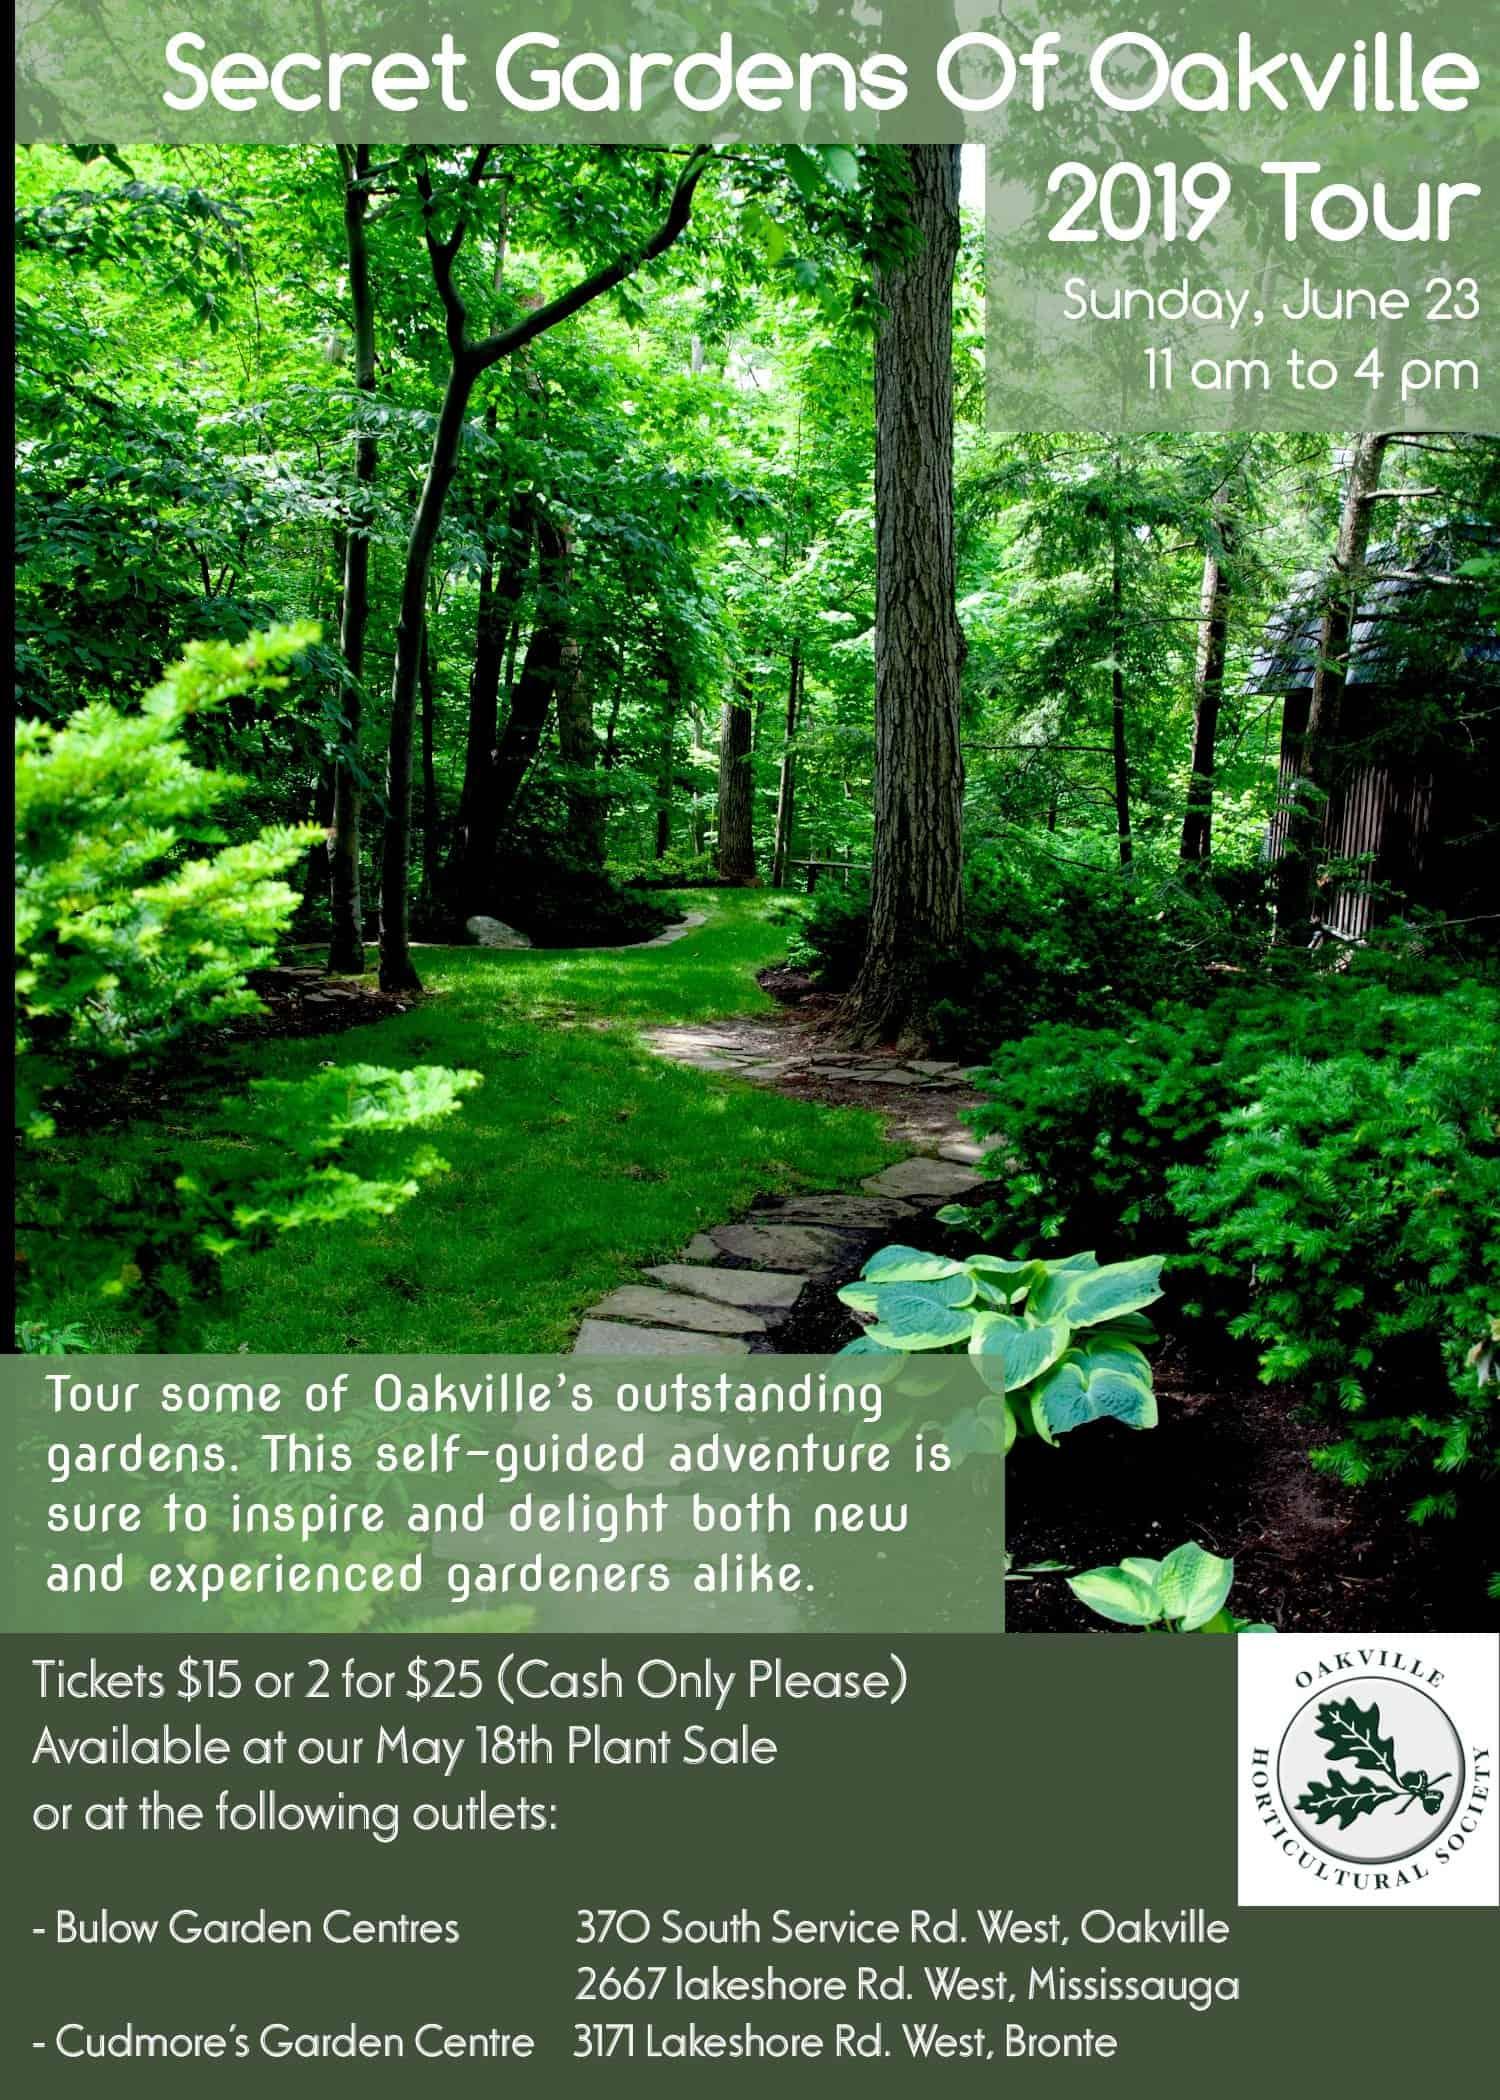 Secret Gardens of Oakville